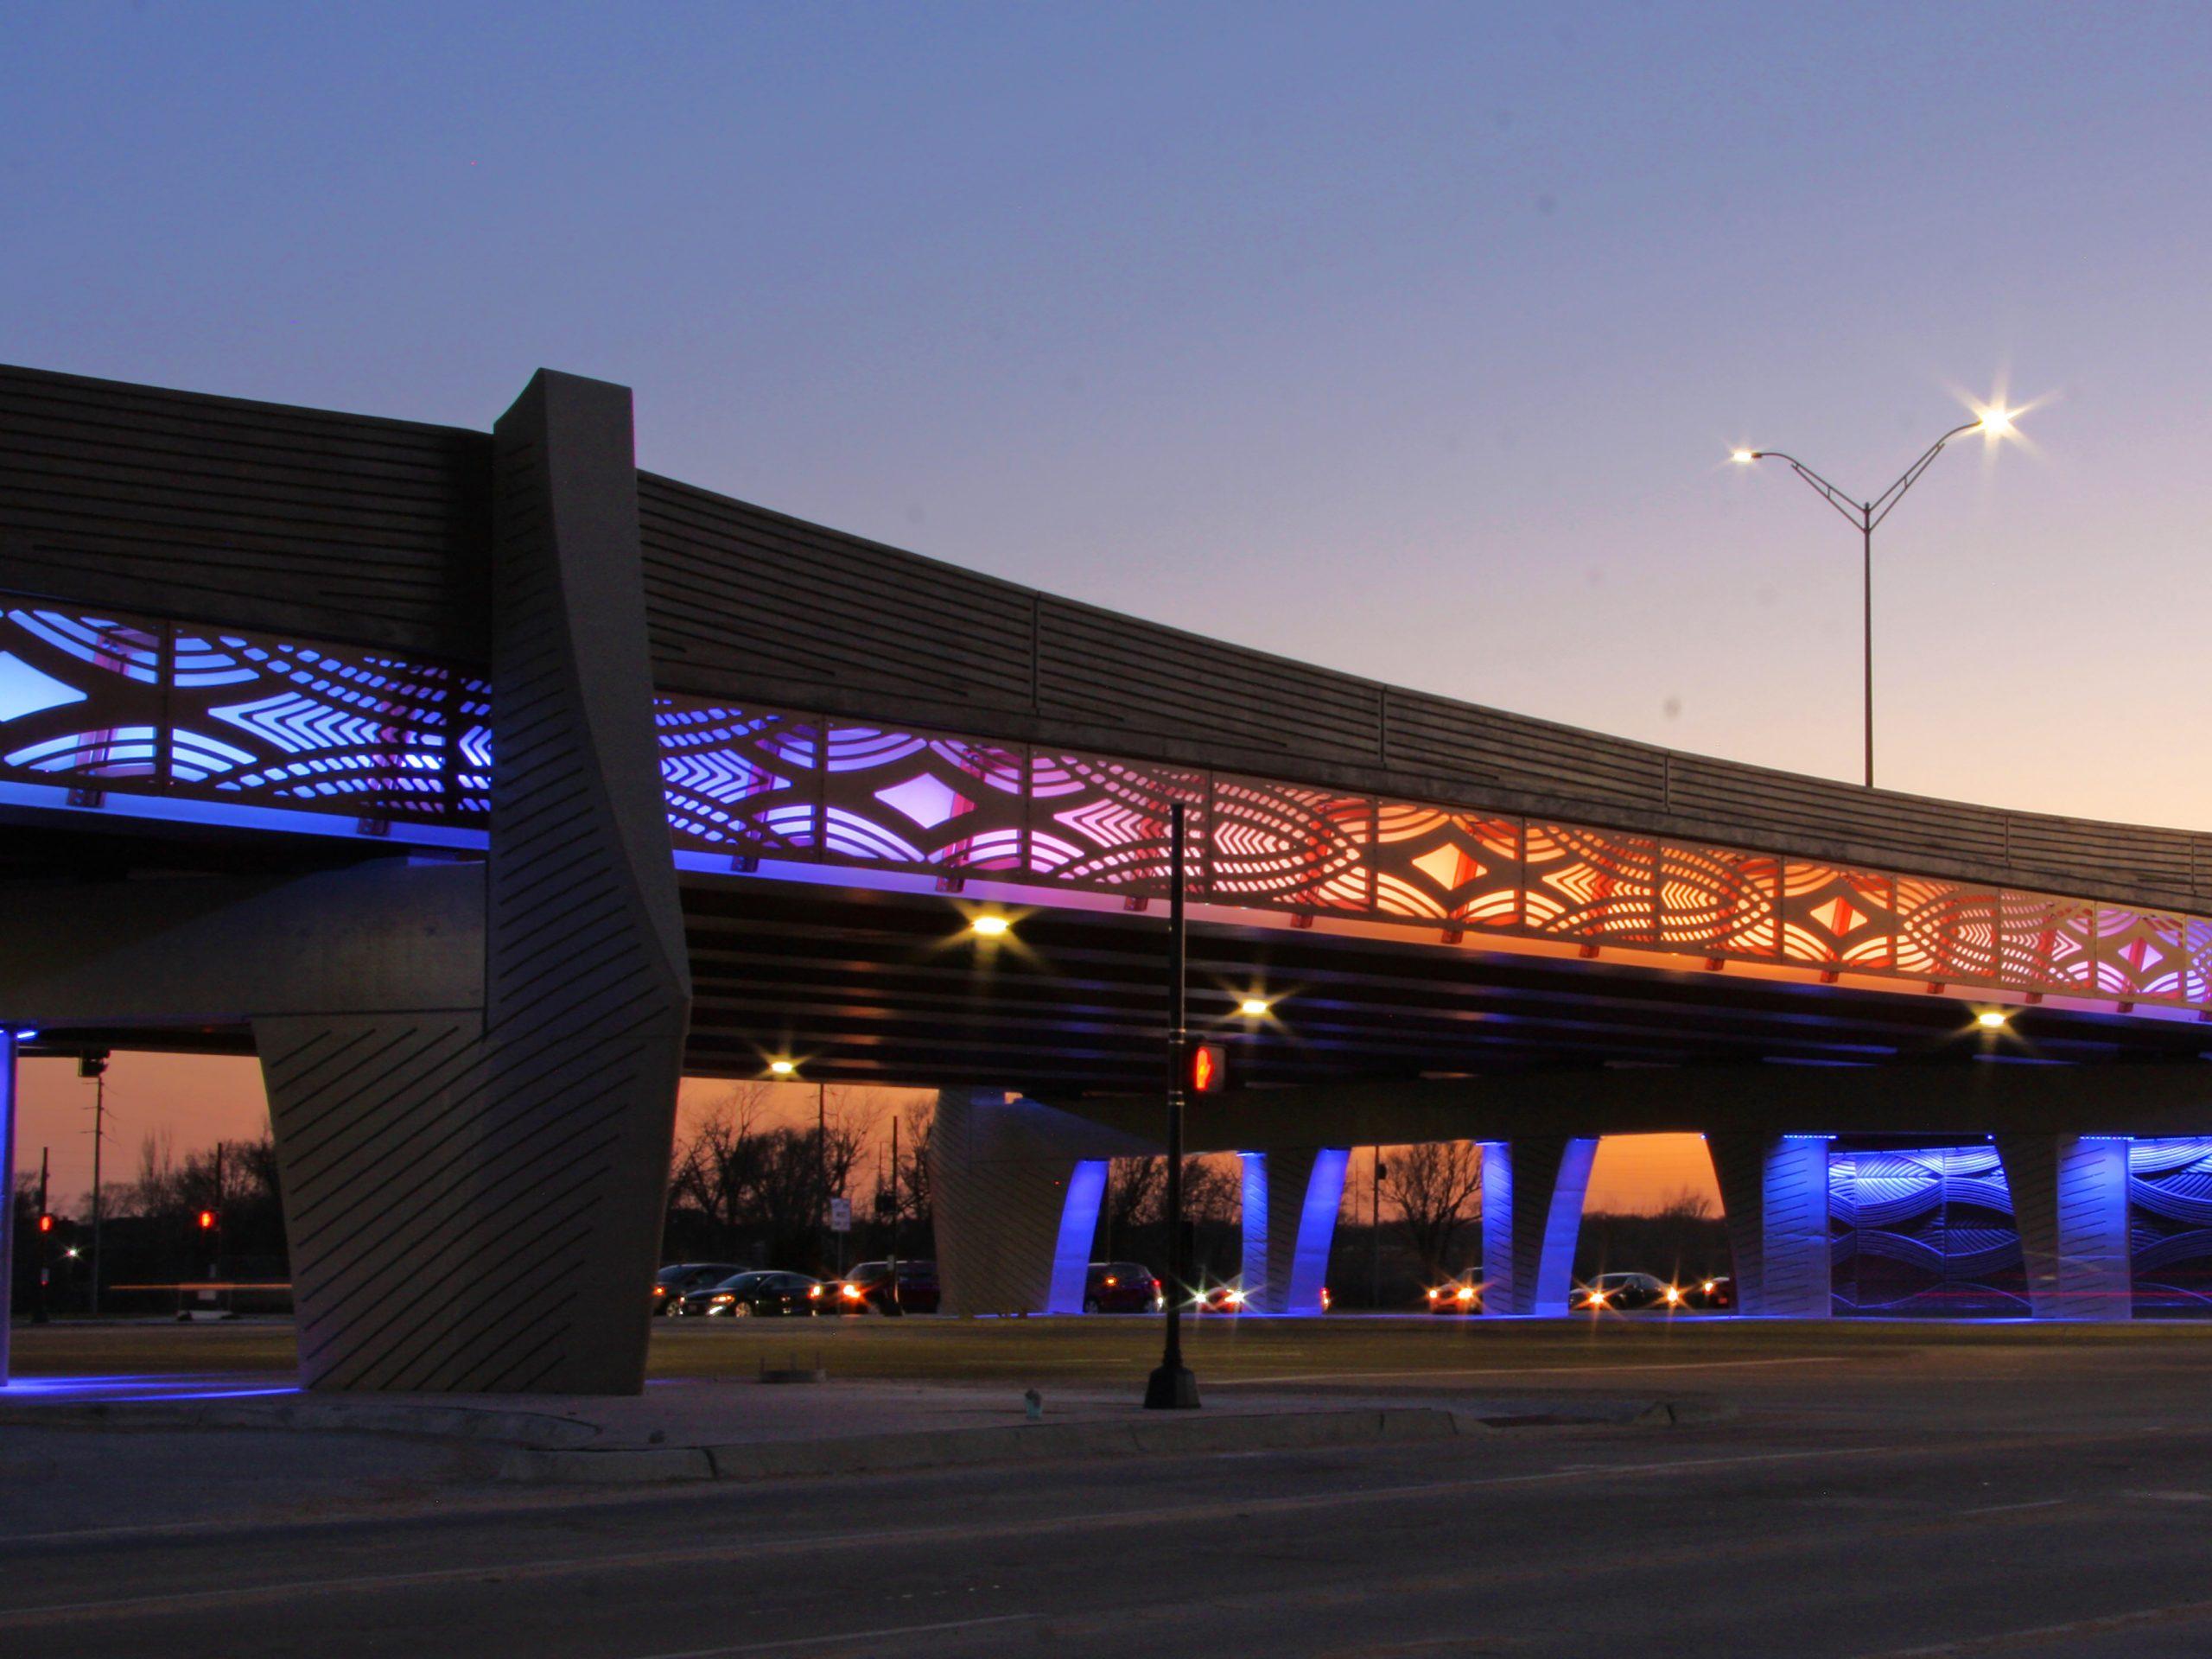 East Kellogg Improvement Projects I & II